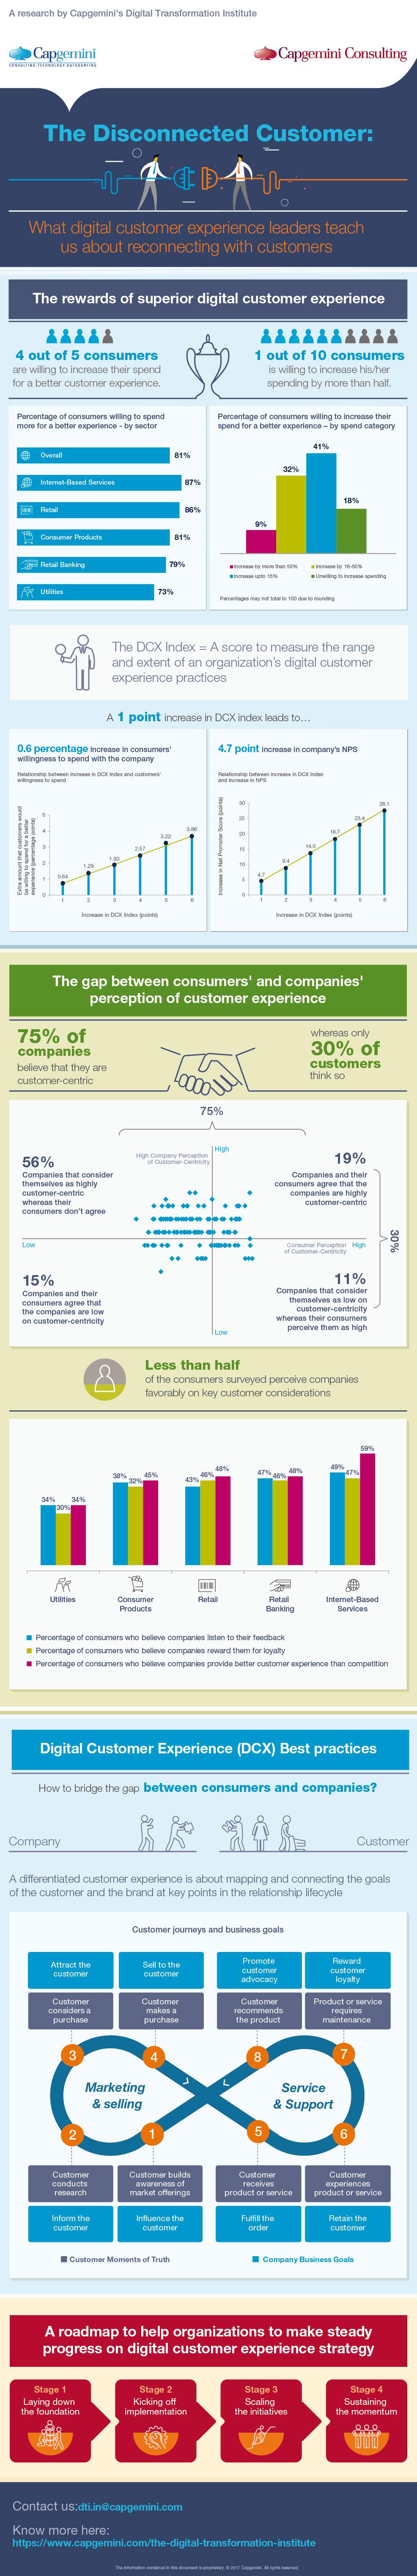 De voordelen van een superieure digitale klantbeleving